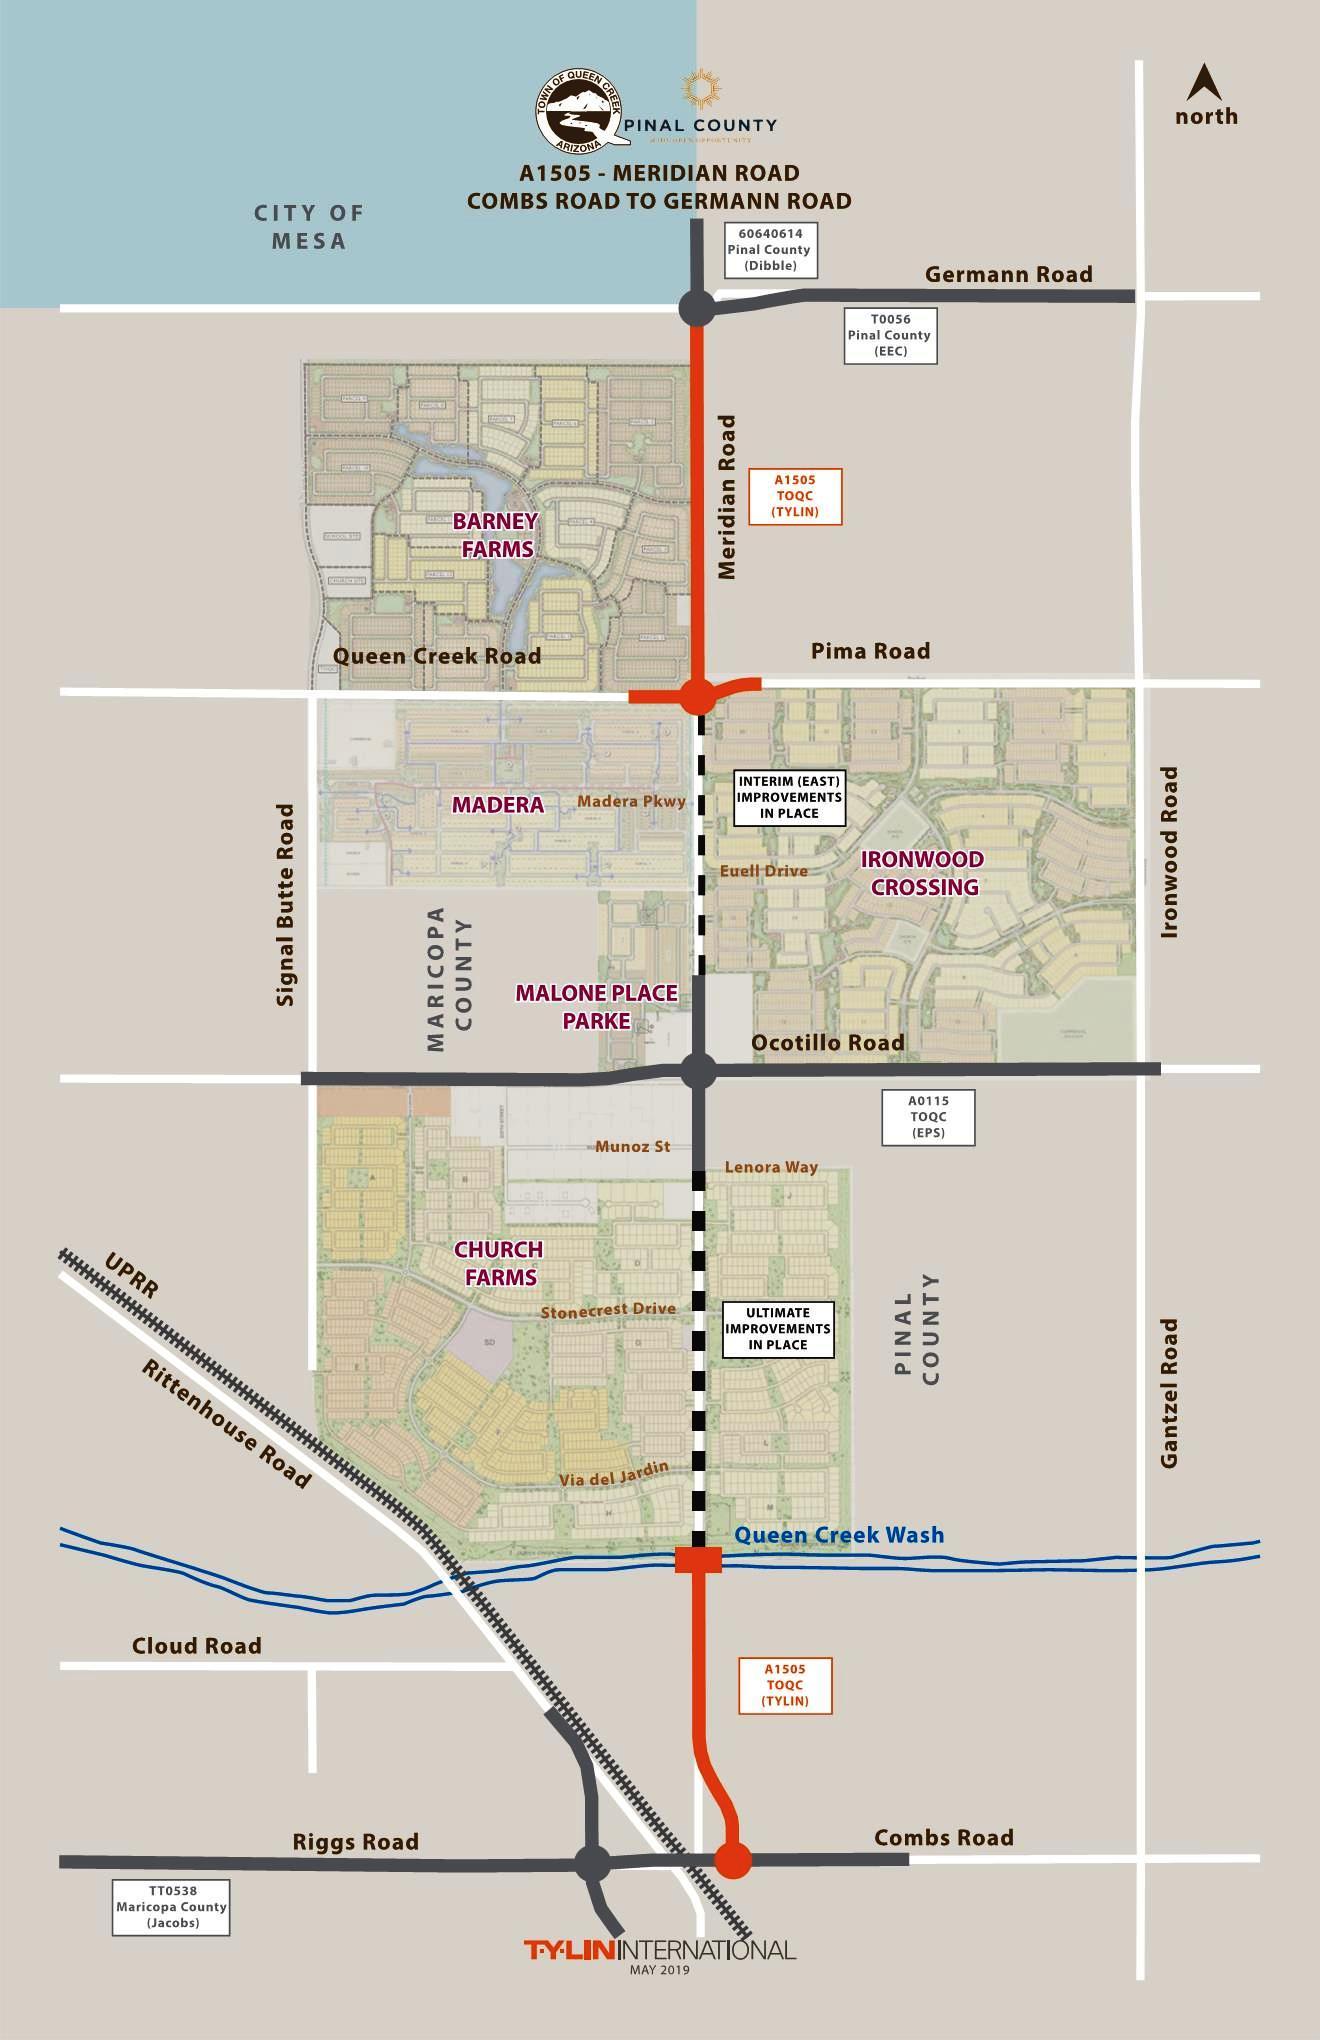 Map Of Arizona Cities Queen Creek.Meridian Road Combs To Germann Roads Queen Creek Az